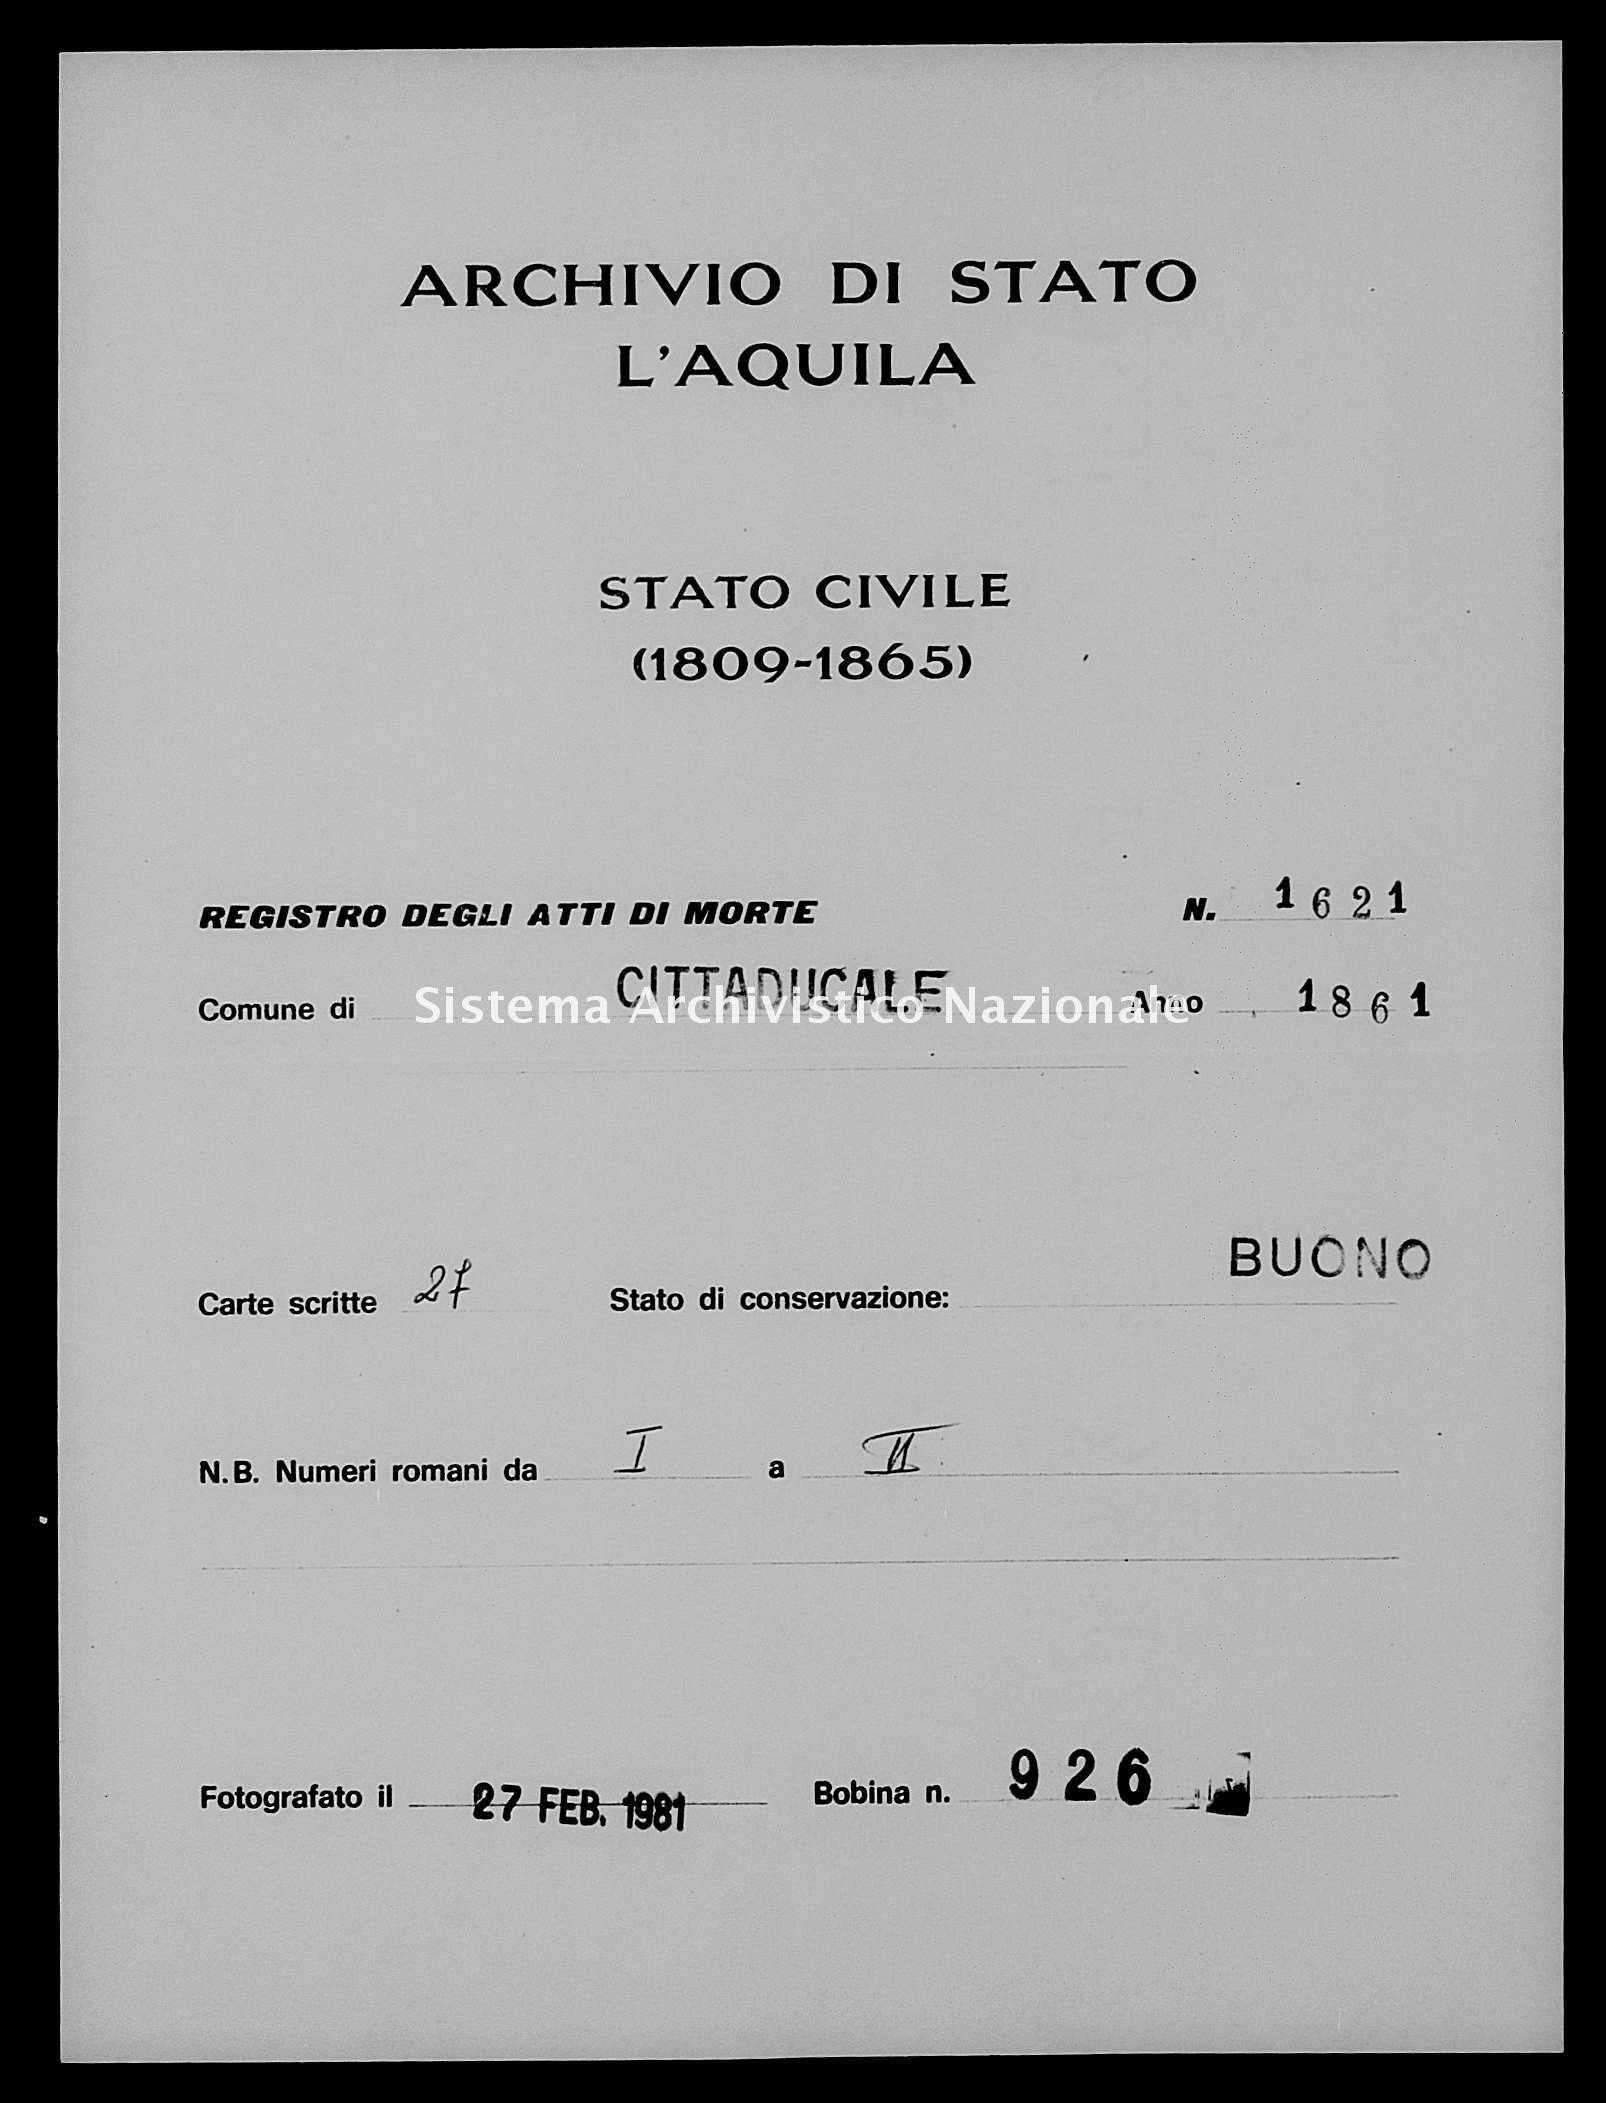 Archivio di stato di L'aquila - Stato civile italiano - Cittaducale - Morti - 1861 - 1621 -